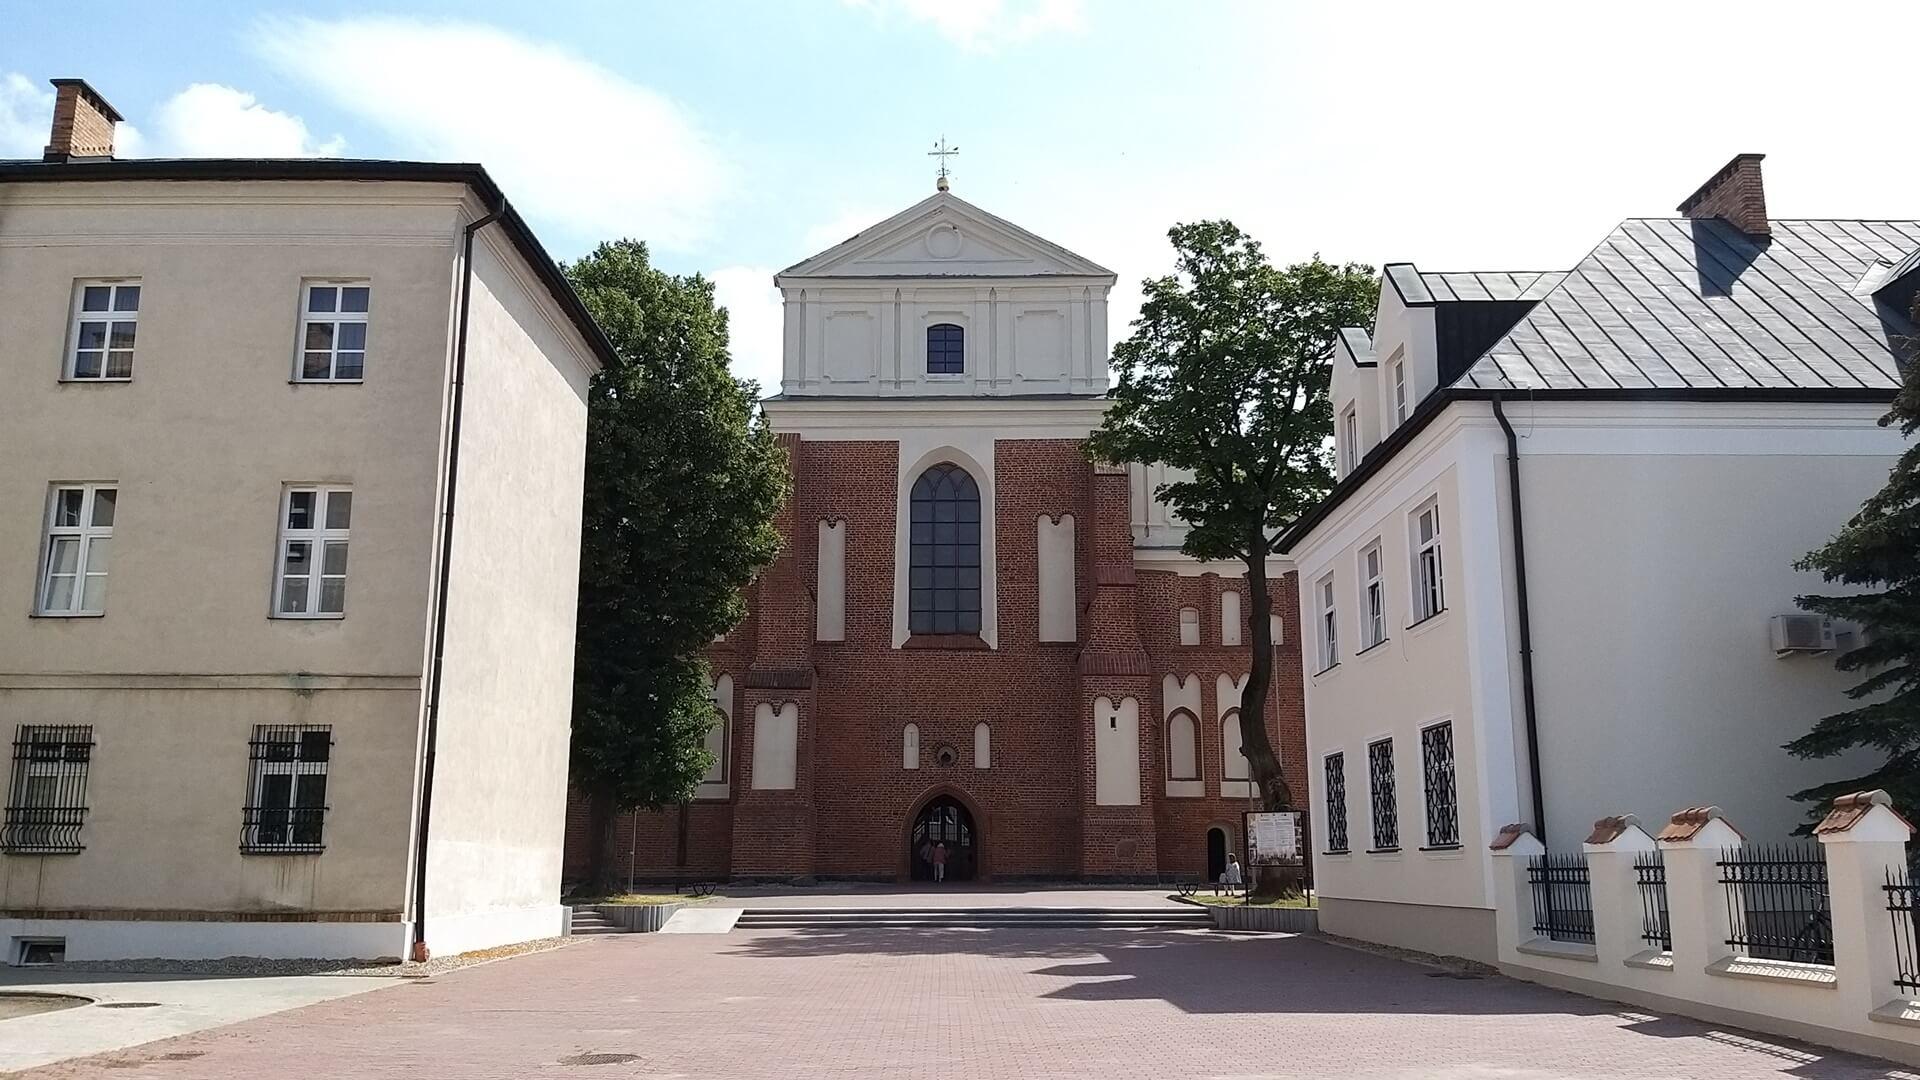 Katedra św. Michała Archanioła w Łomży, fot. Grzegorz Pilat